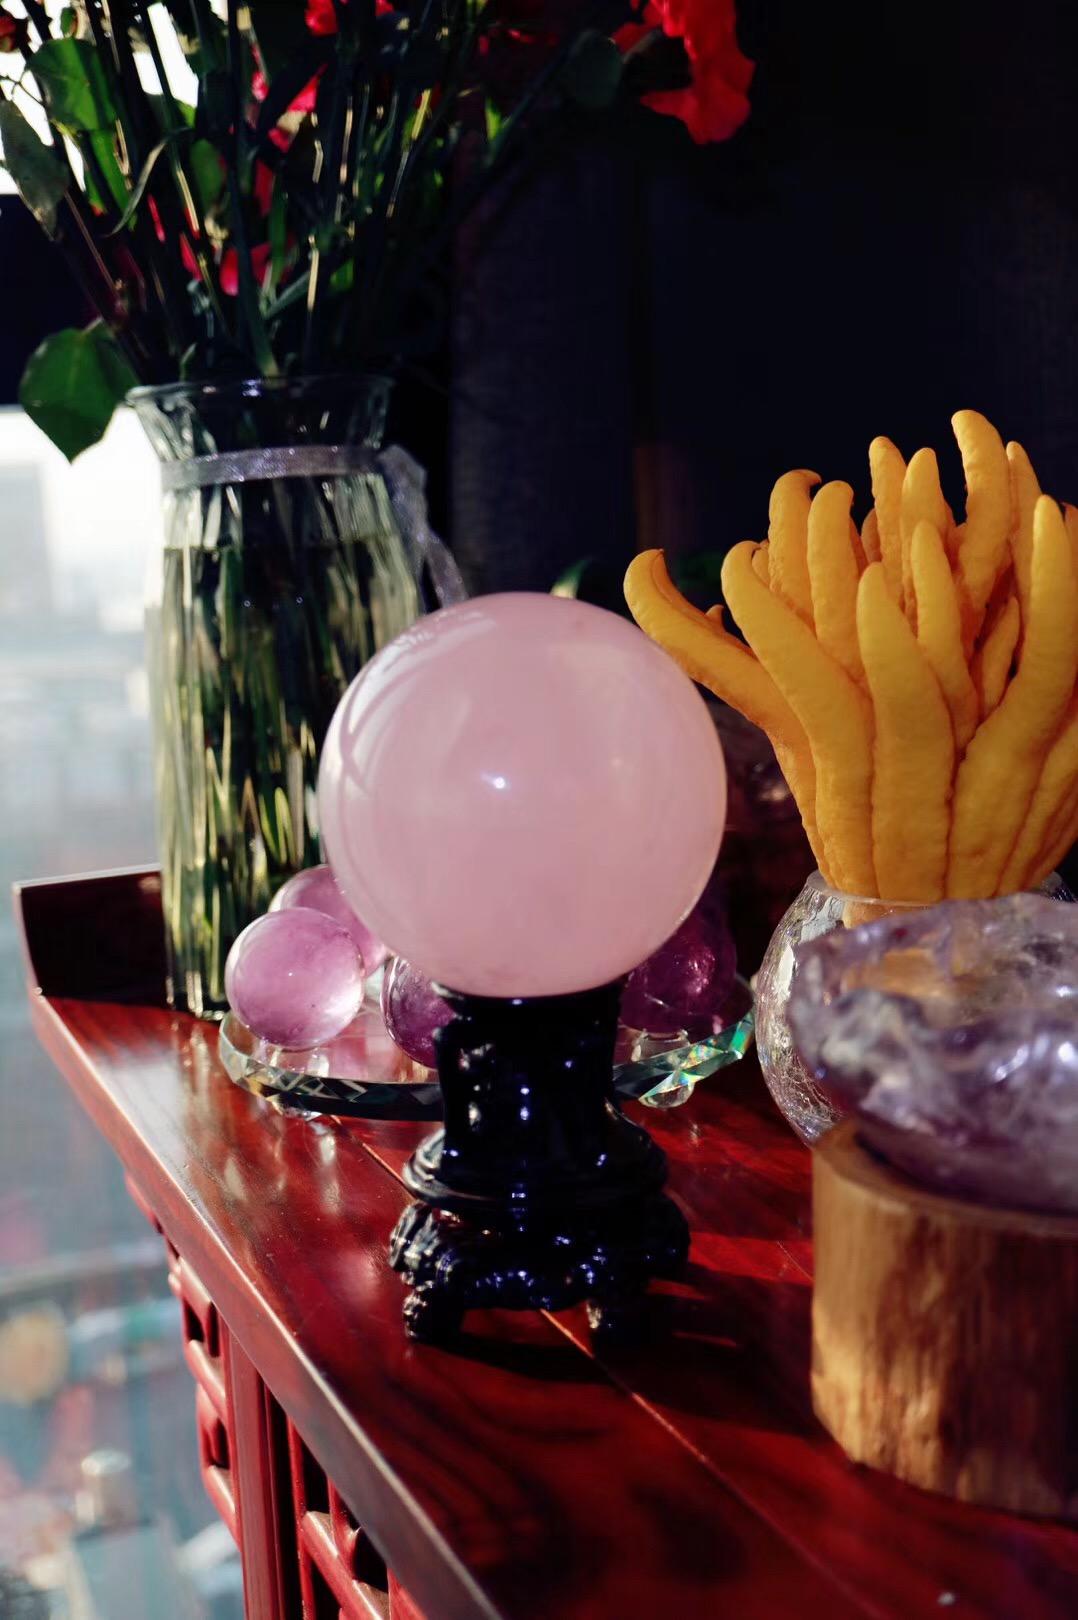 【菩心 | 六道🌟粉晶球】眼中有美,心中有爱-菩心晶舍